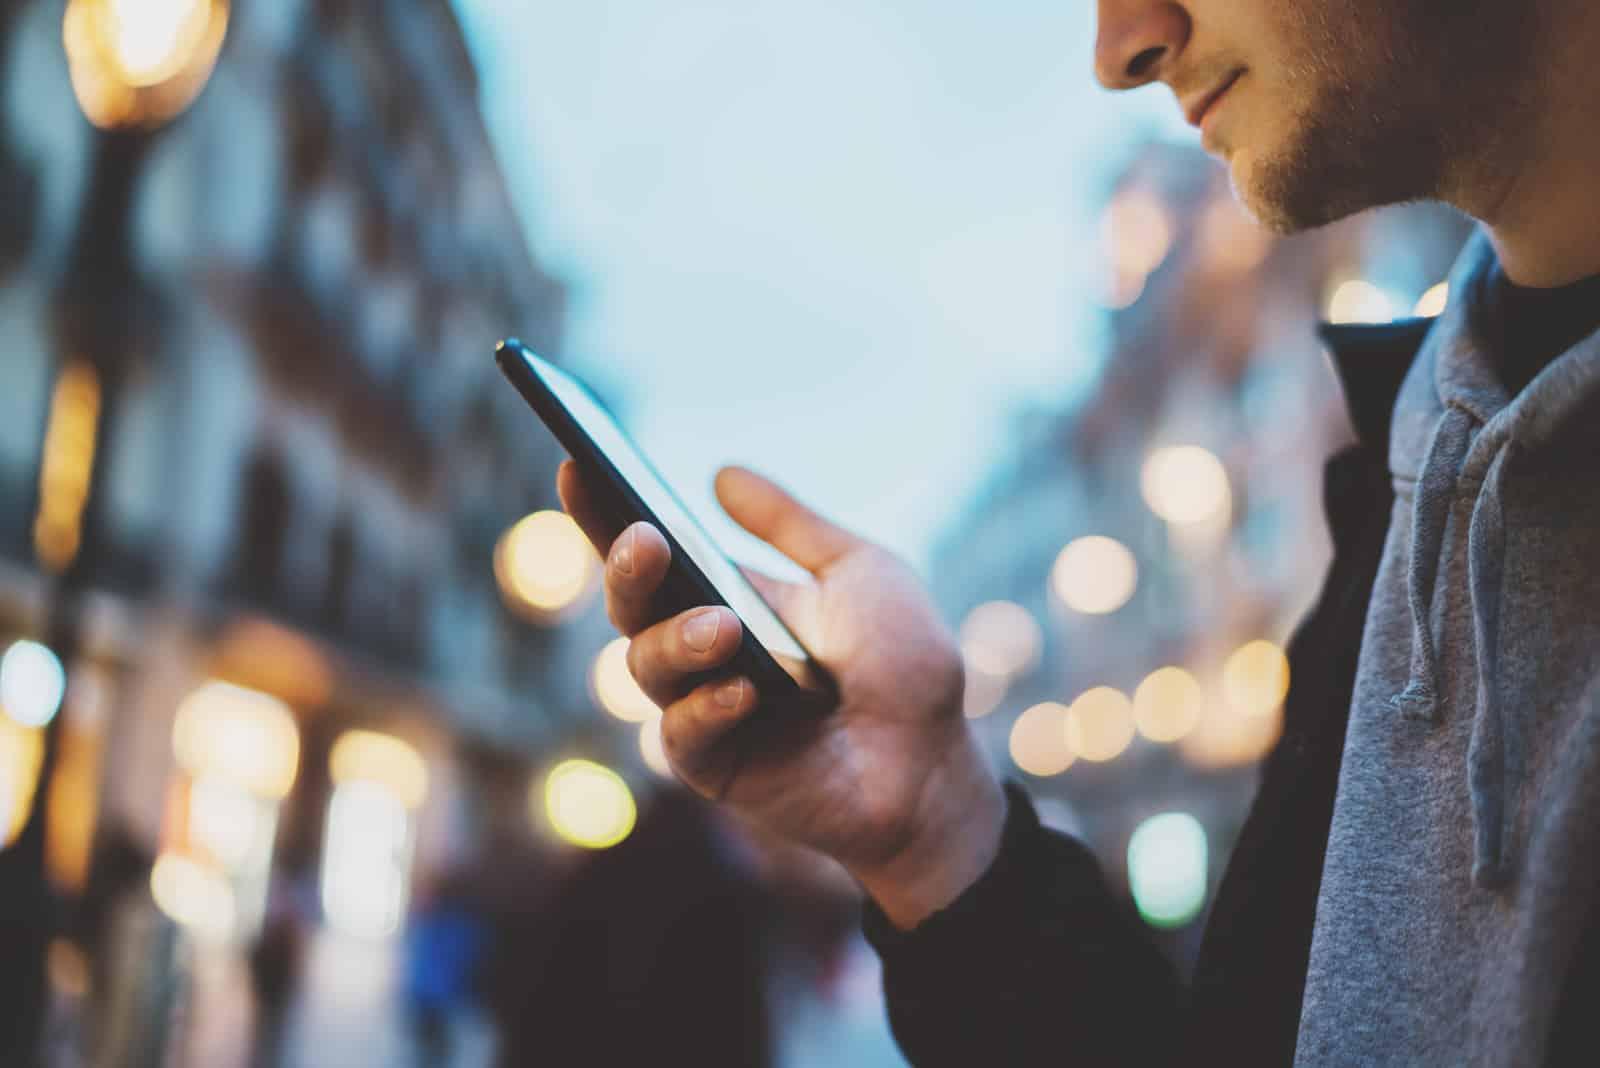 un homme imaginaire tient un téléphone à la main